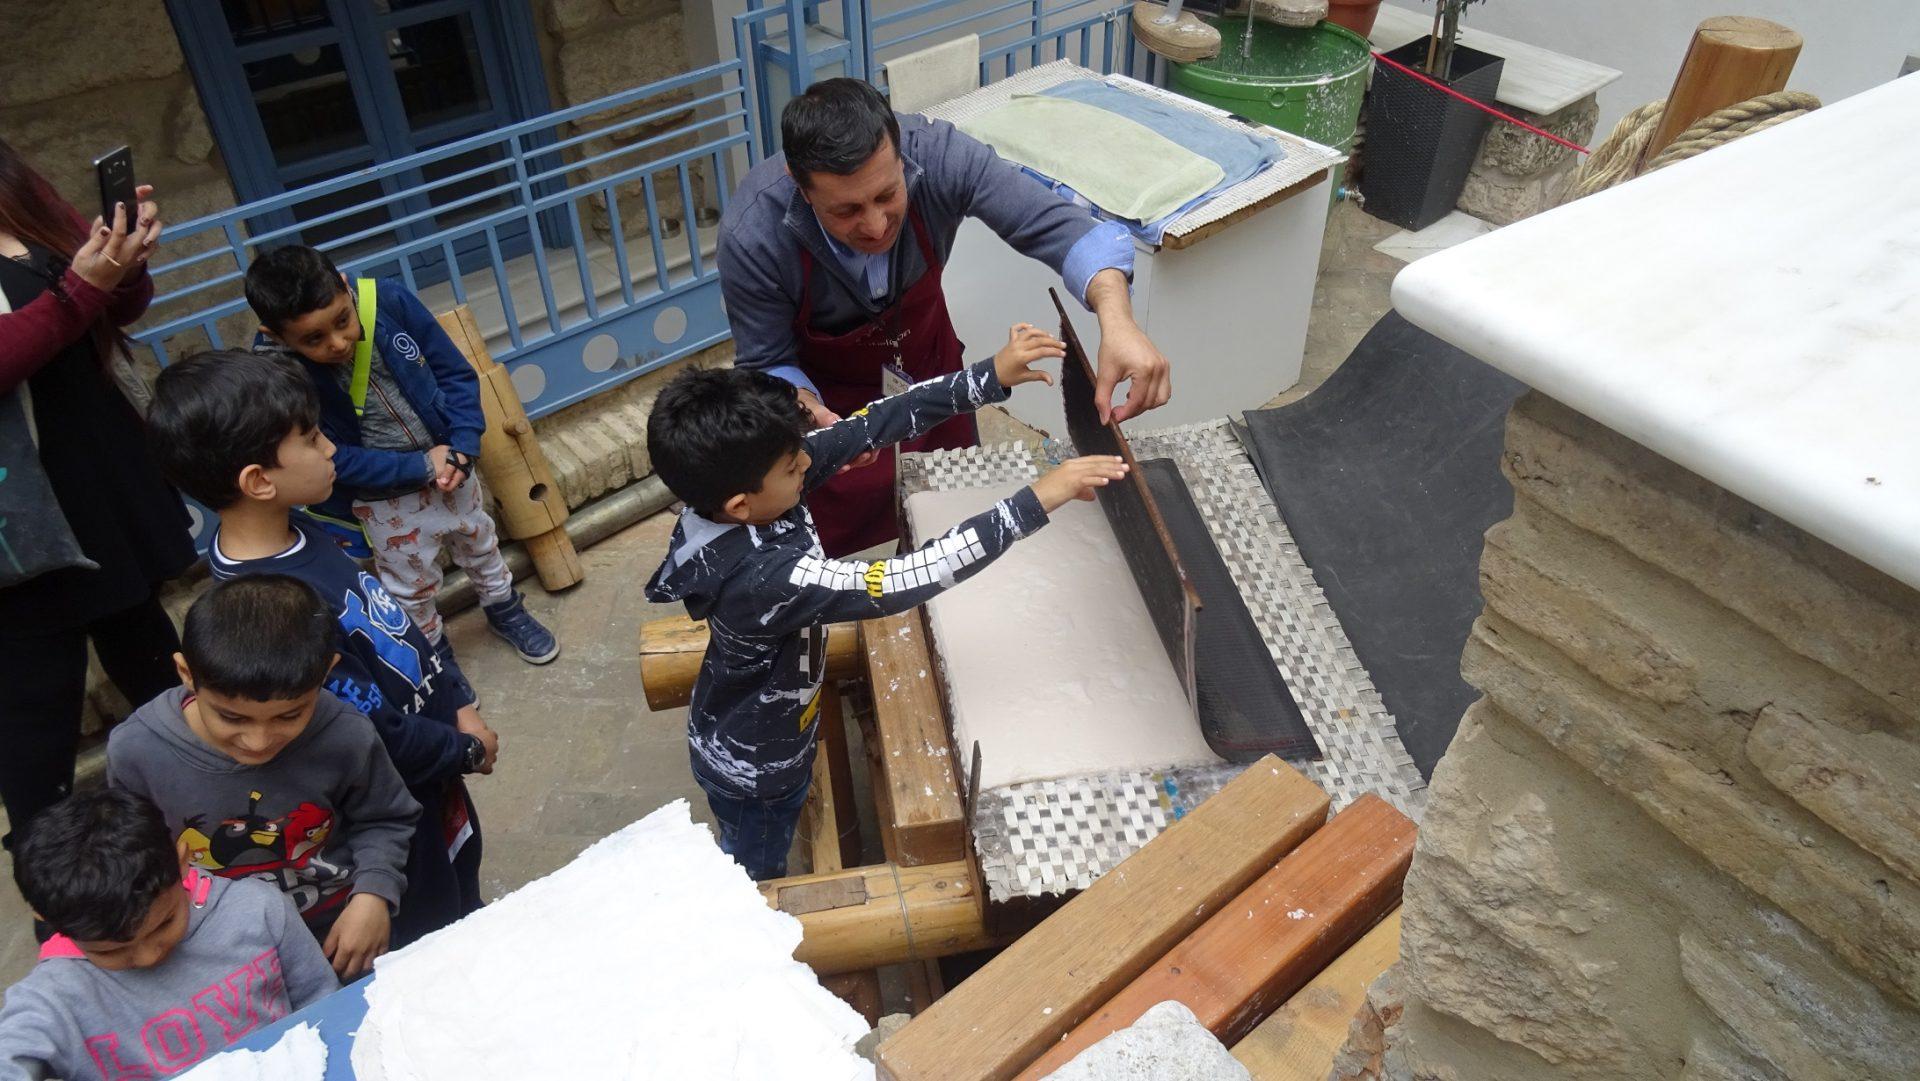 Οι μικροί μαθητές της Κάριτας Ελλάς στο Μουσείο Ηρακλειδών